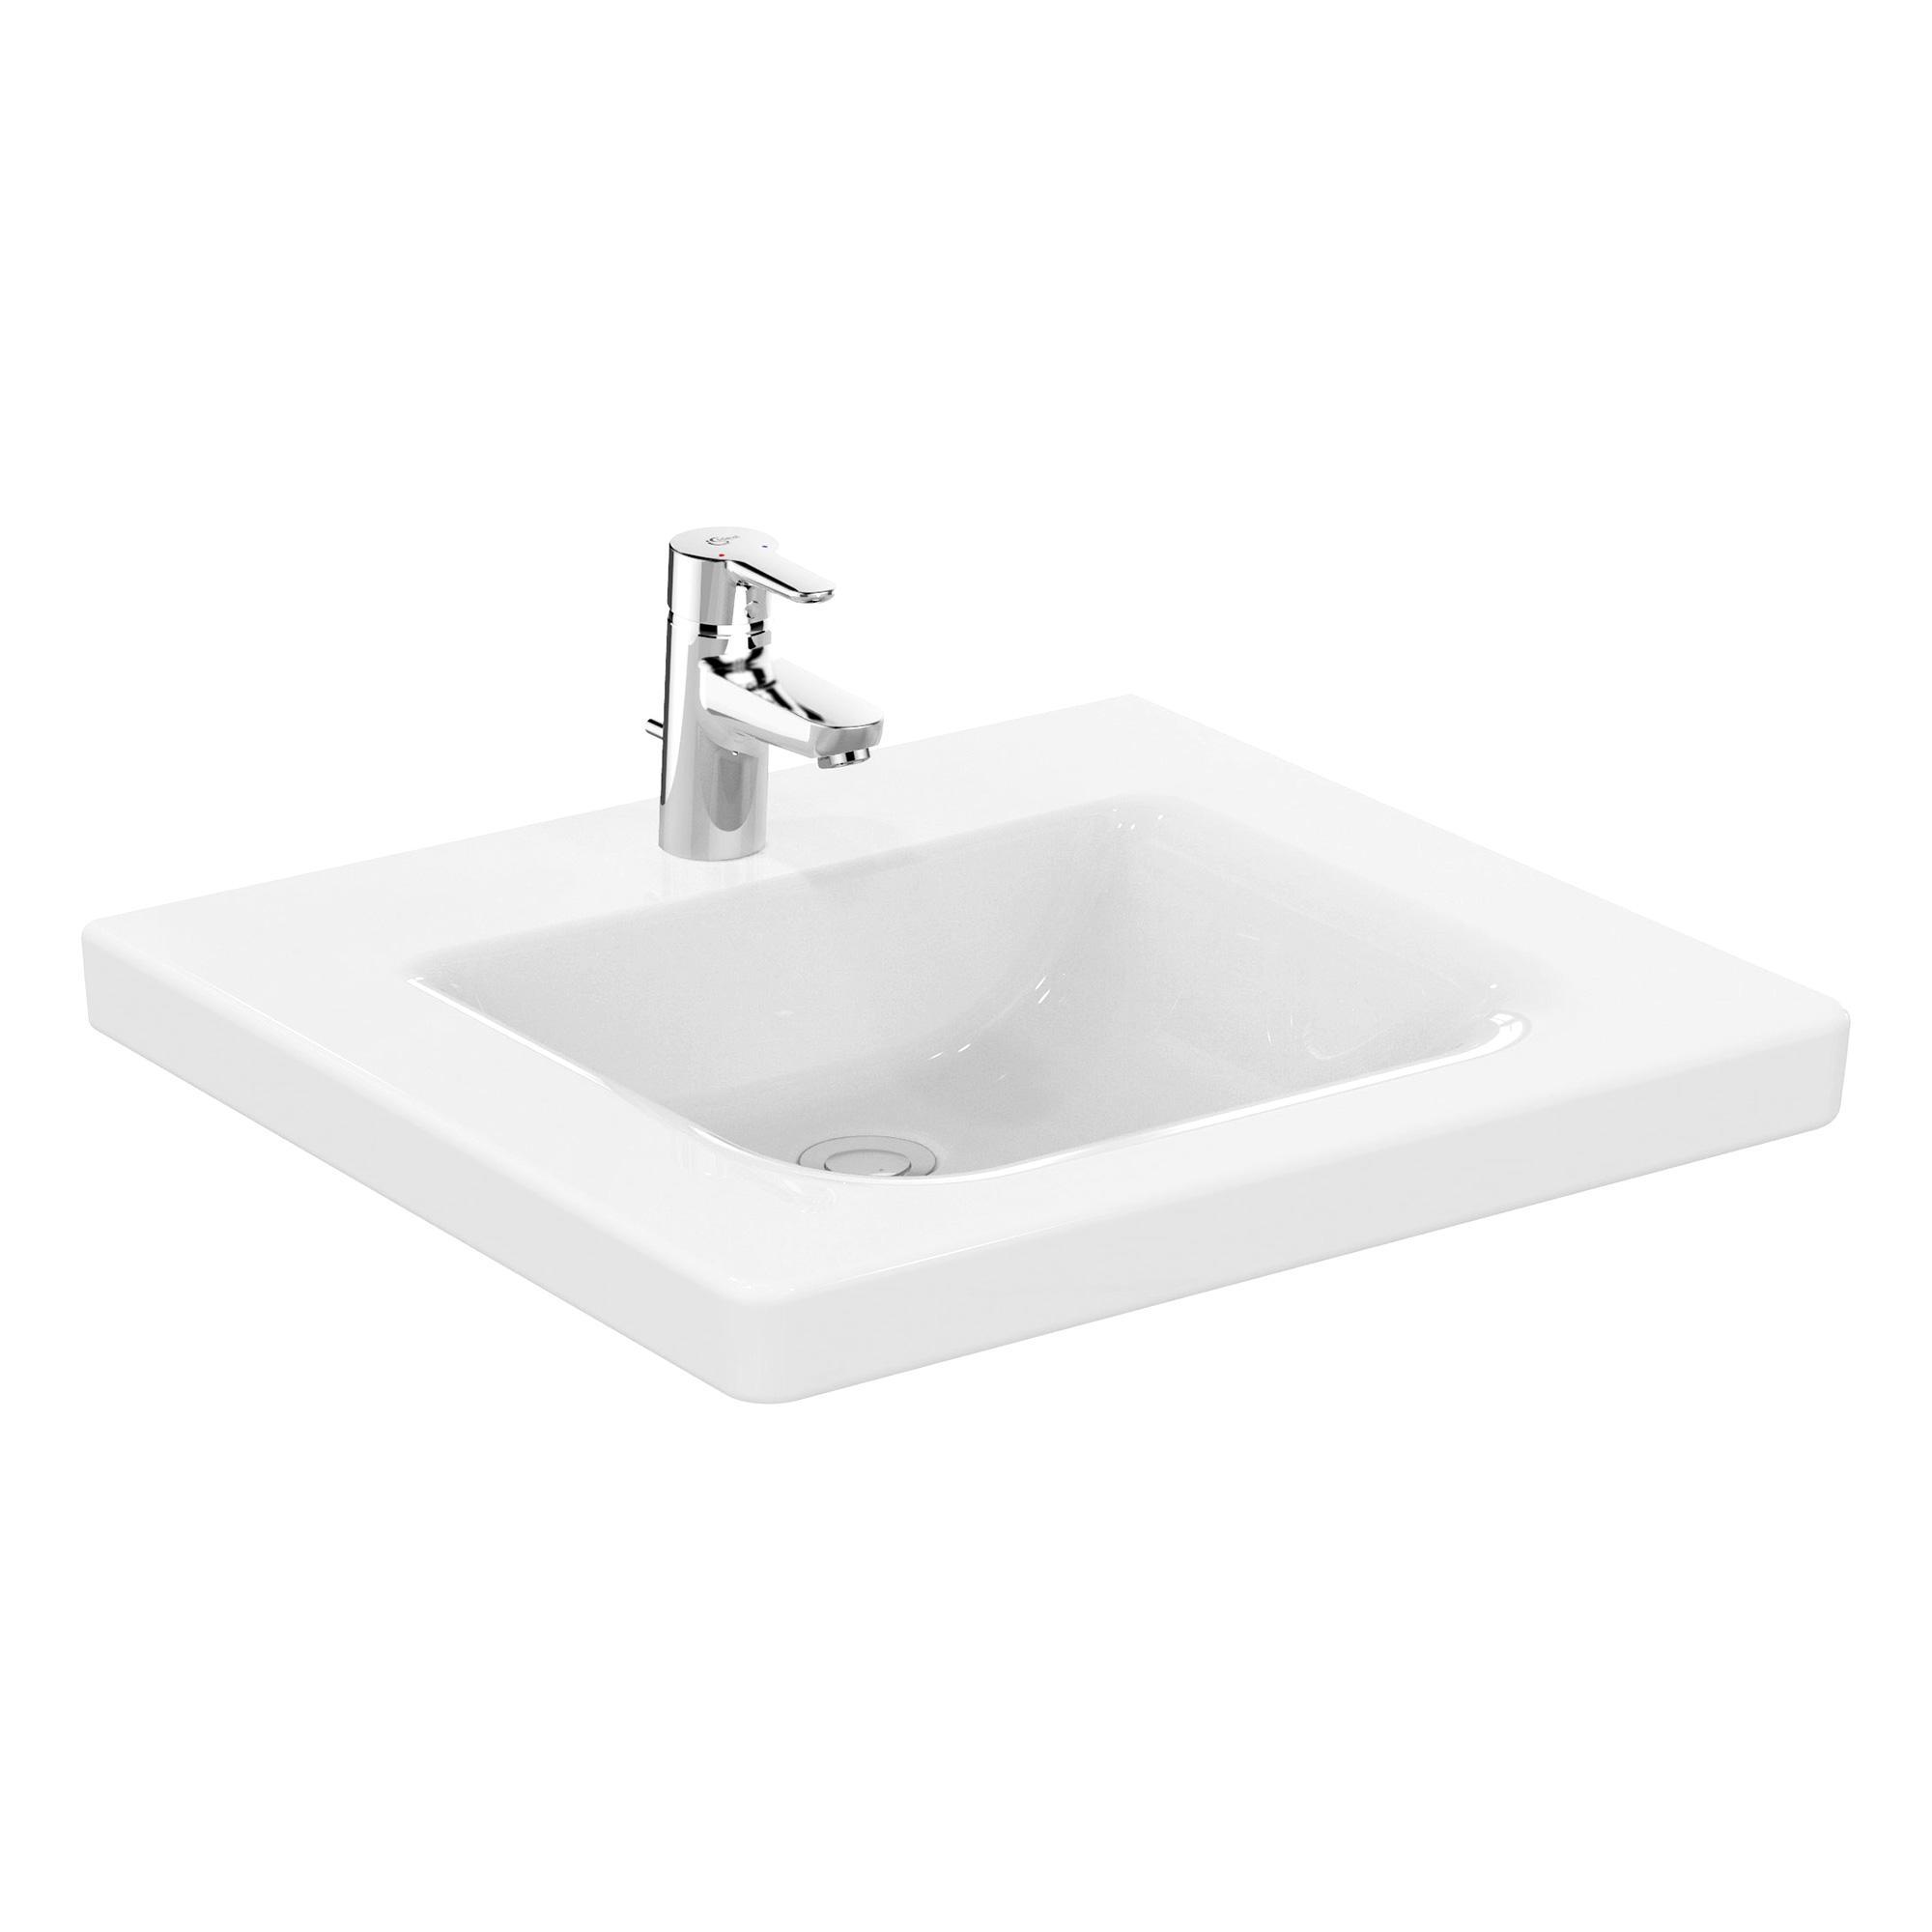 ideal standard connect freedom waschtisch b 60 t 55 5 cm unterfahrbar wei ohne berlauf. Black Bedroom Furniture Sets. Home Design Ideas